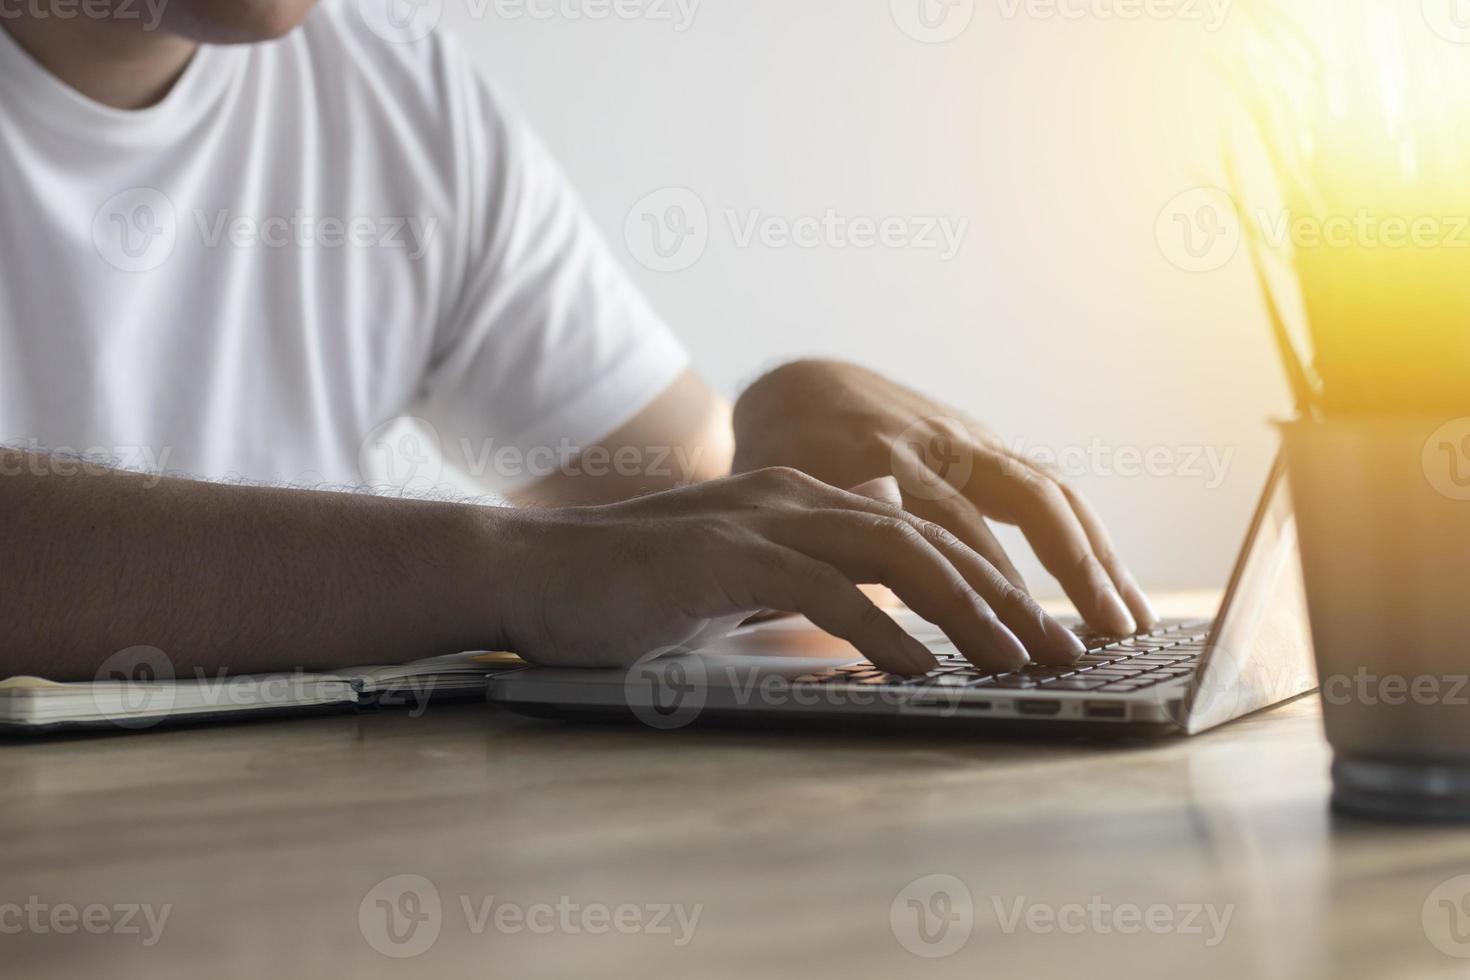 digitando em um computador em uma mesa foto